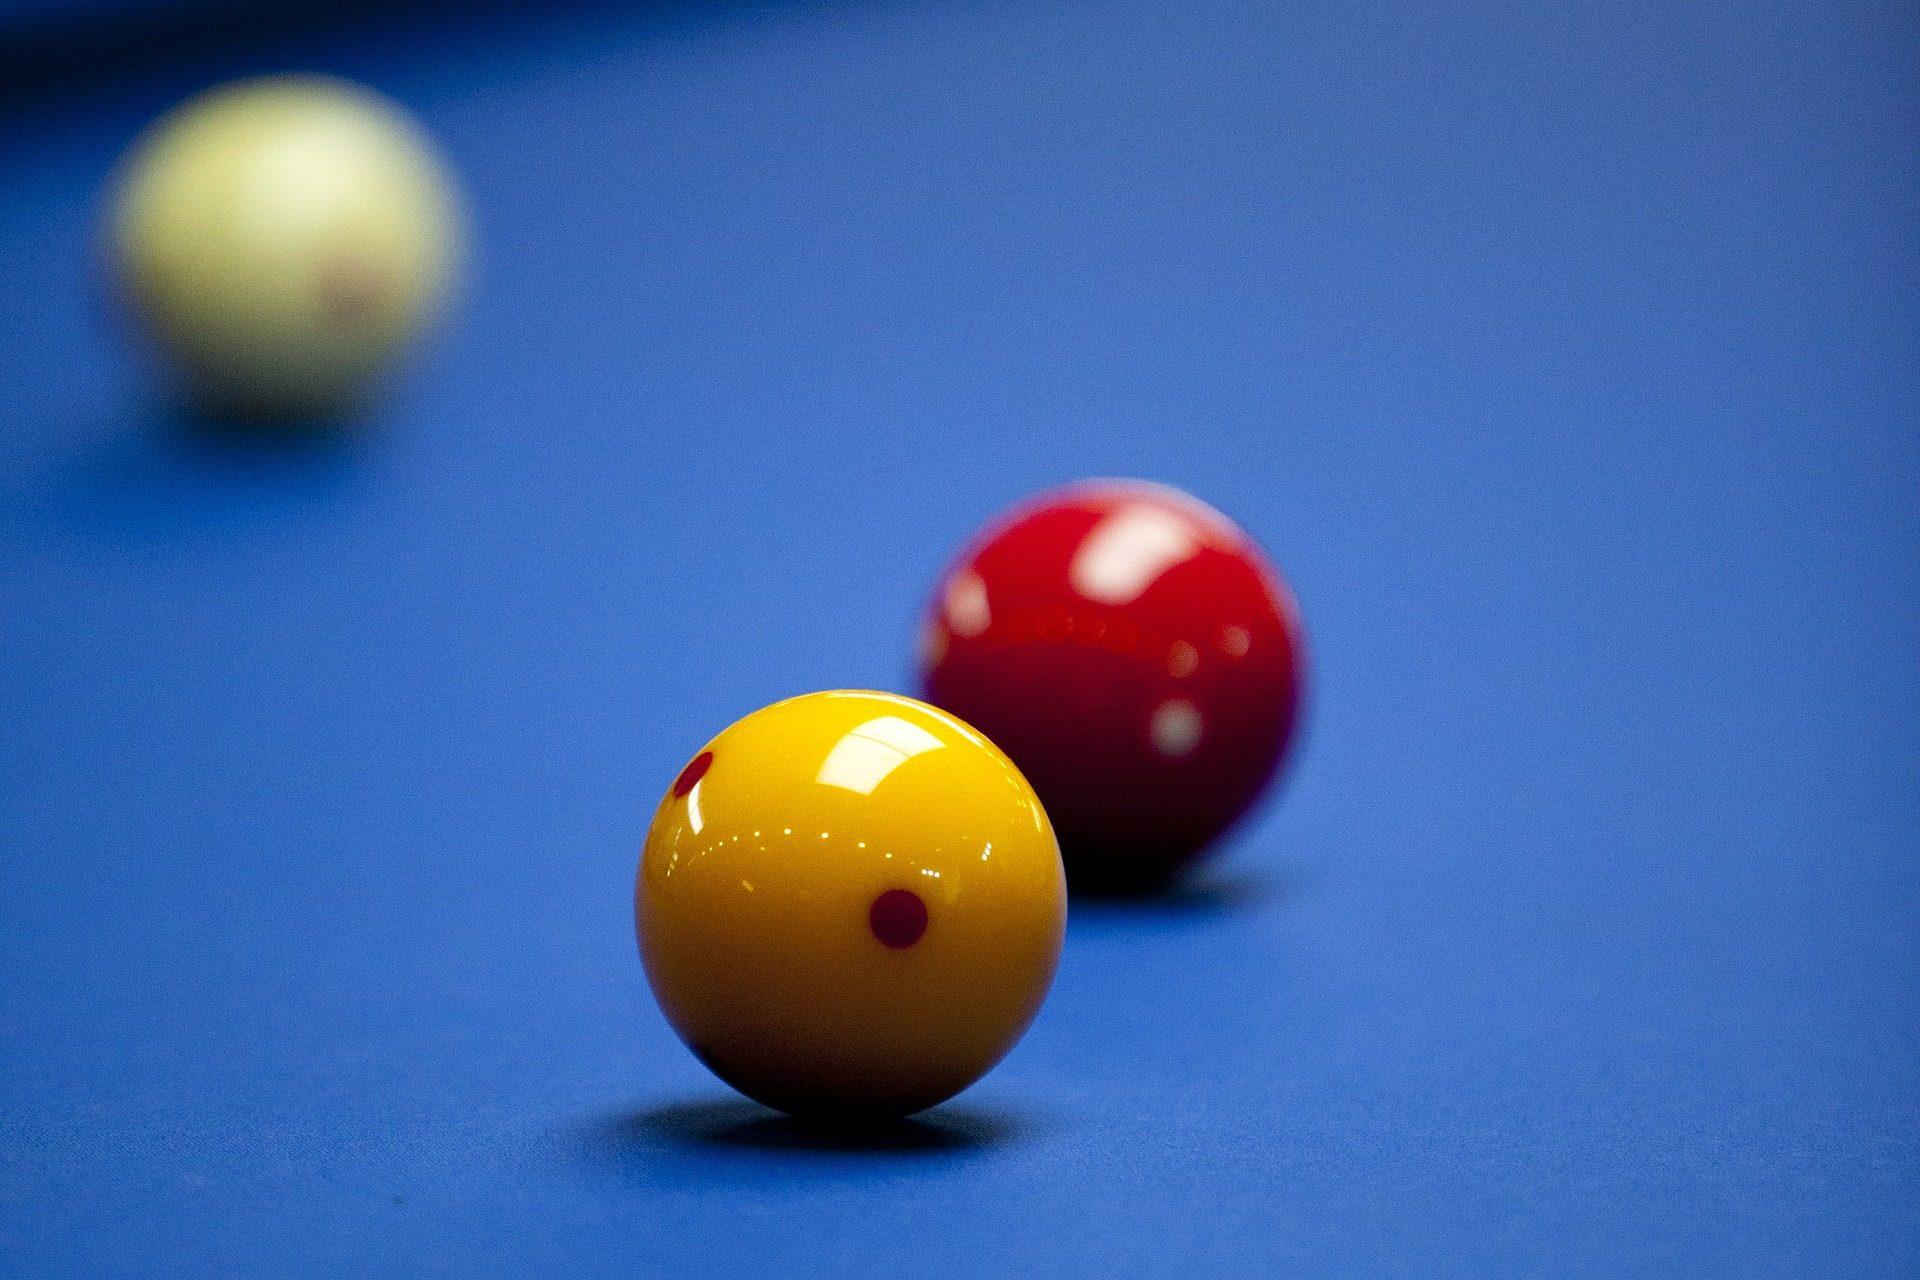 गेंदों, क्षेत्रों, बिलियर्ड्स, चमक, चटाई, खेल - HD वॉलपेपर - प्रोफेसर-falken.com